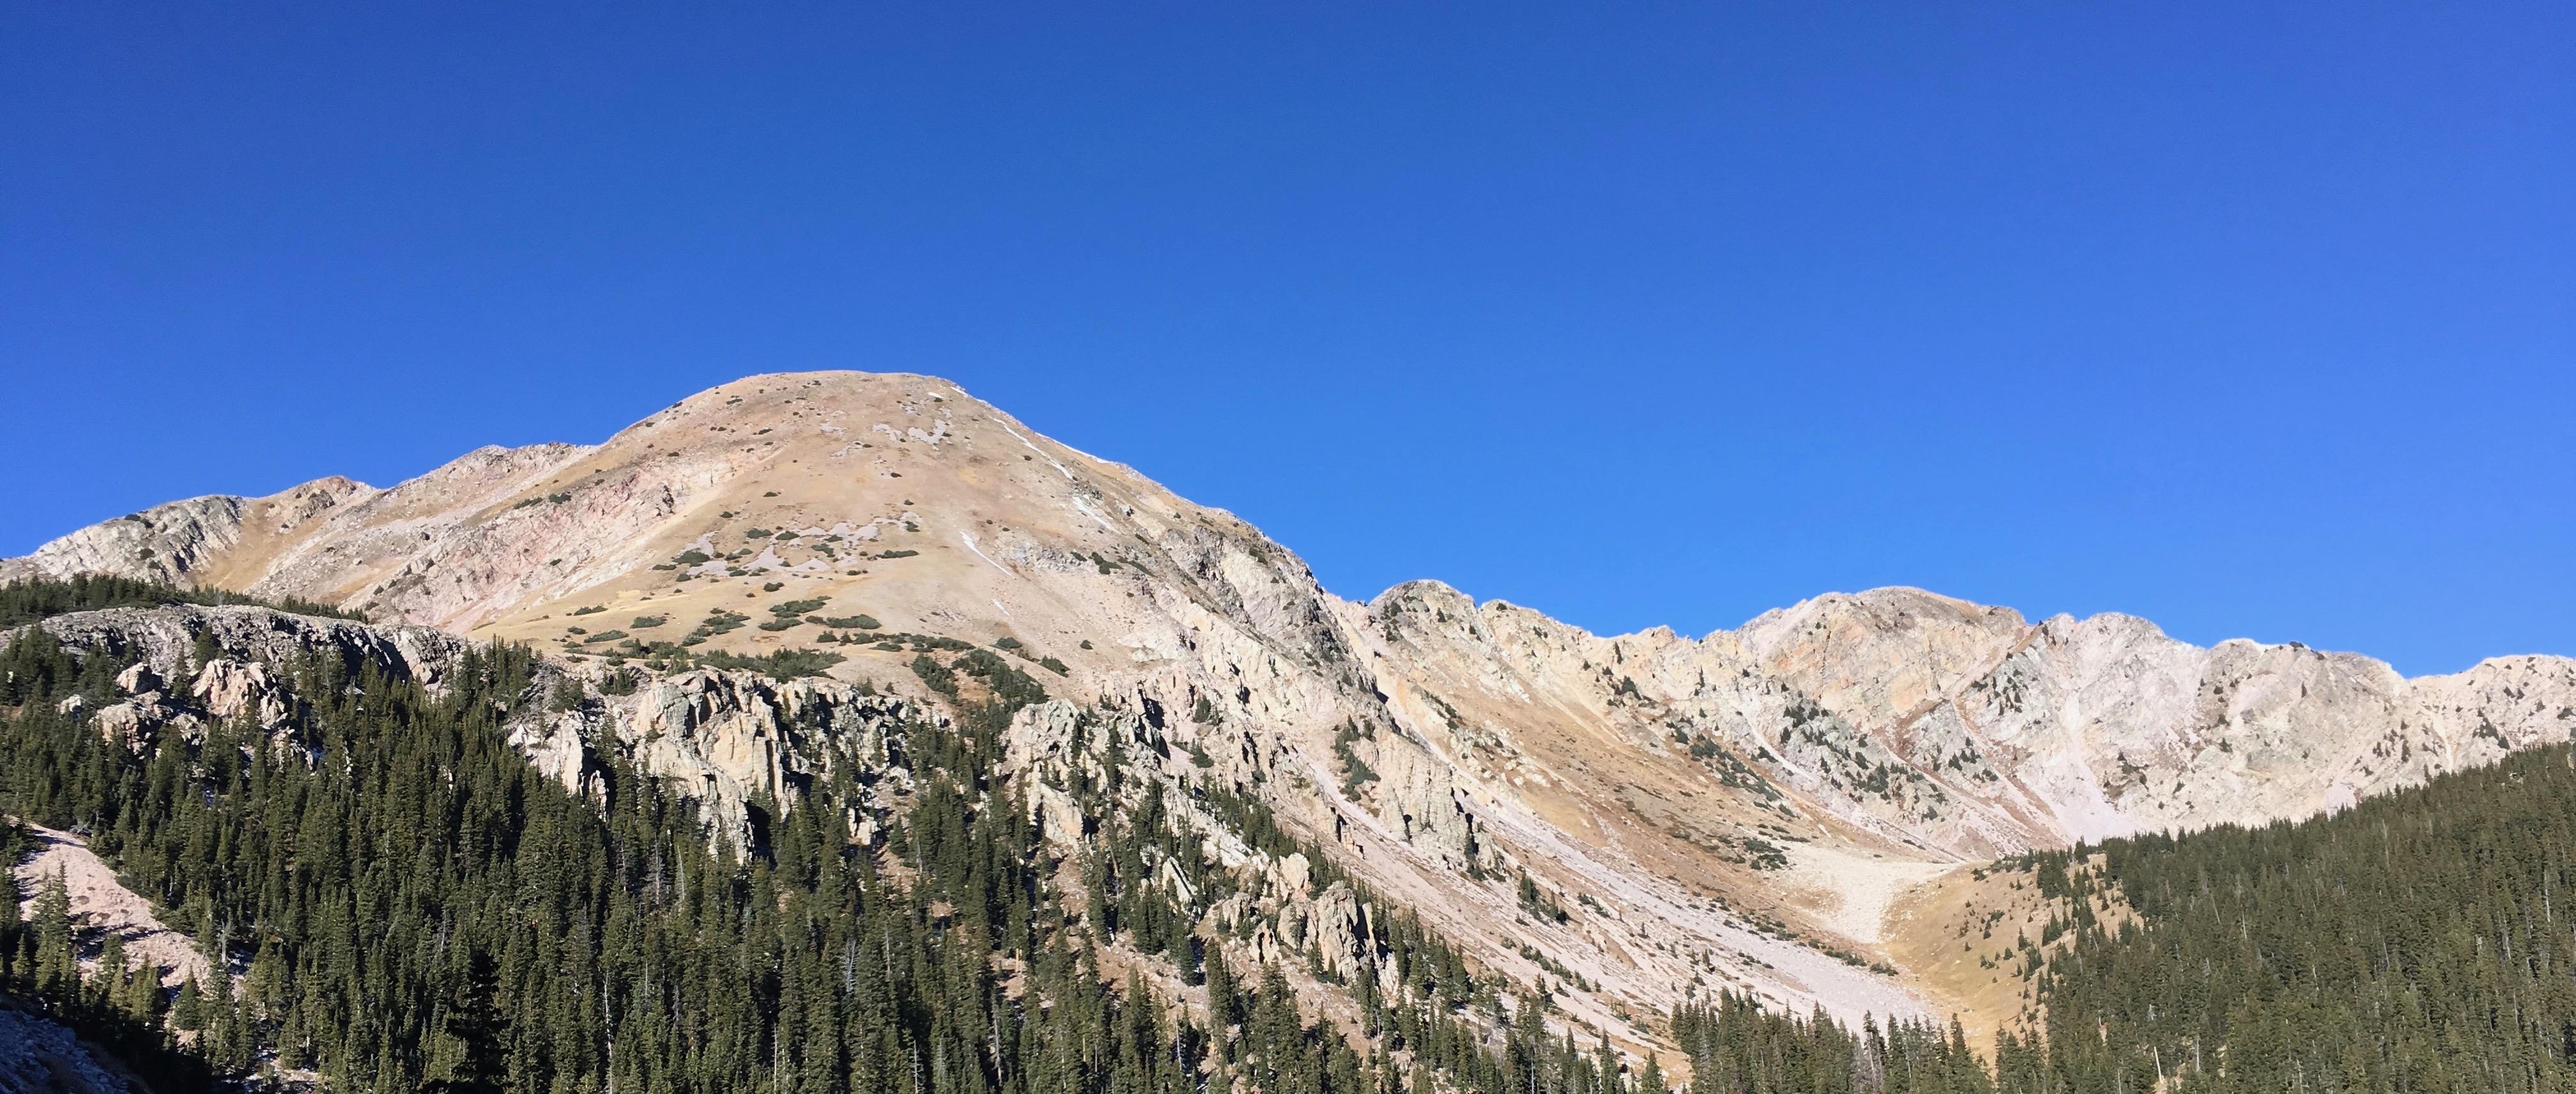 01 North Truchas Peak